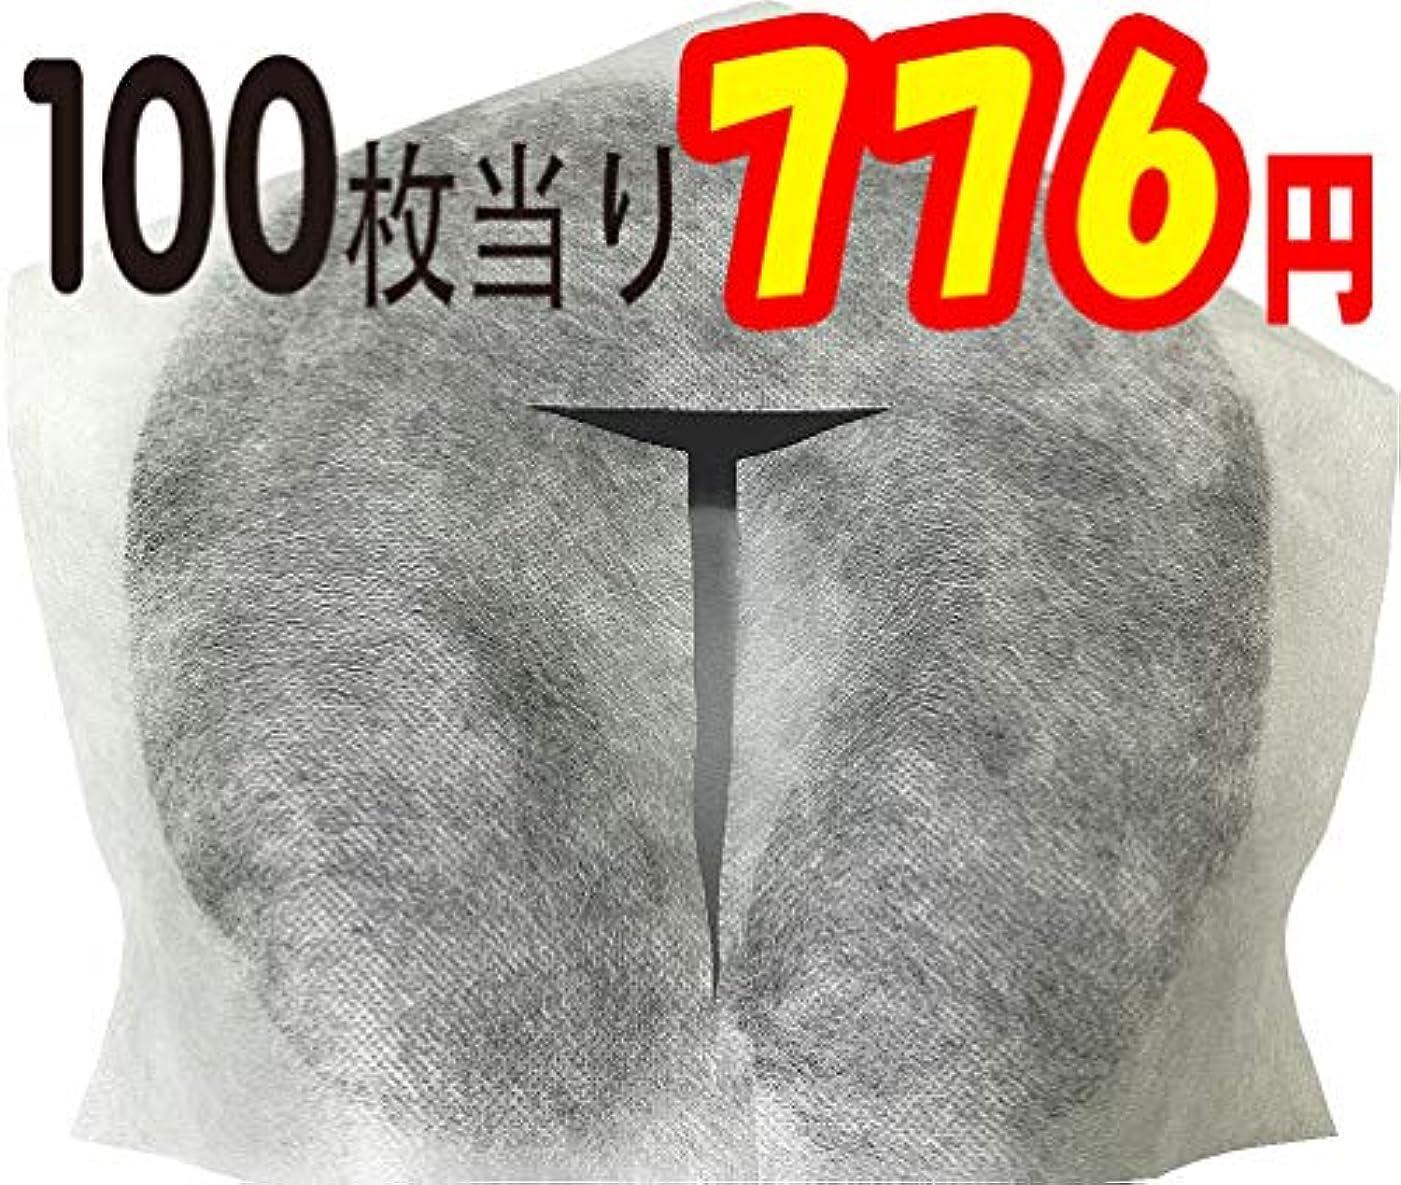 打ち負かすグラム小売500枚 厚手タイプ、コスパ最高 上質な使い捨て 業務用 顔用 フェイスペーパー フェイスシート フェイスカバー ピローカバー 枕カバー マクラカバー